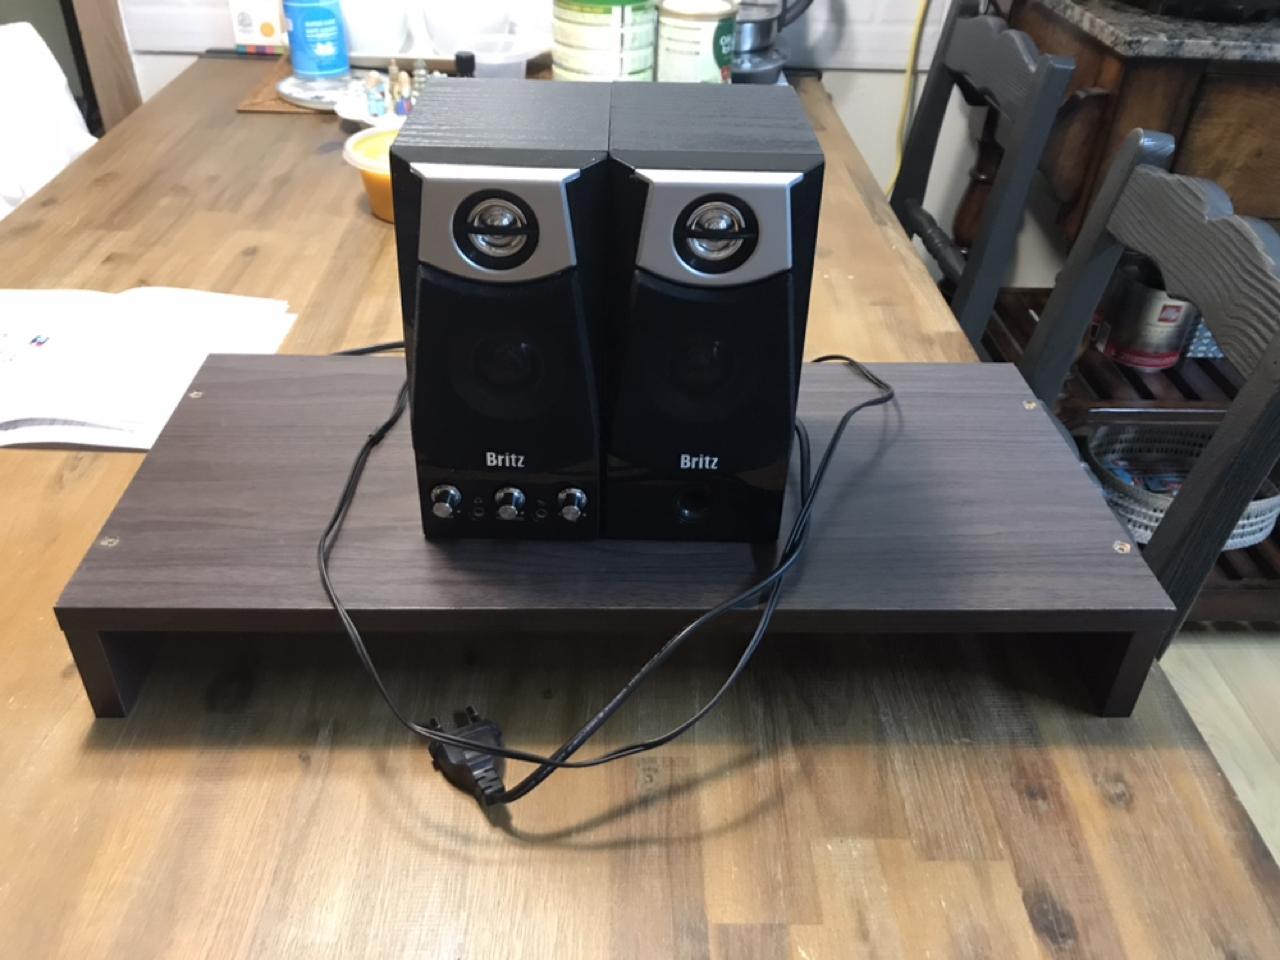 무료나눔) 스피커와 컴퓨터 받침대